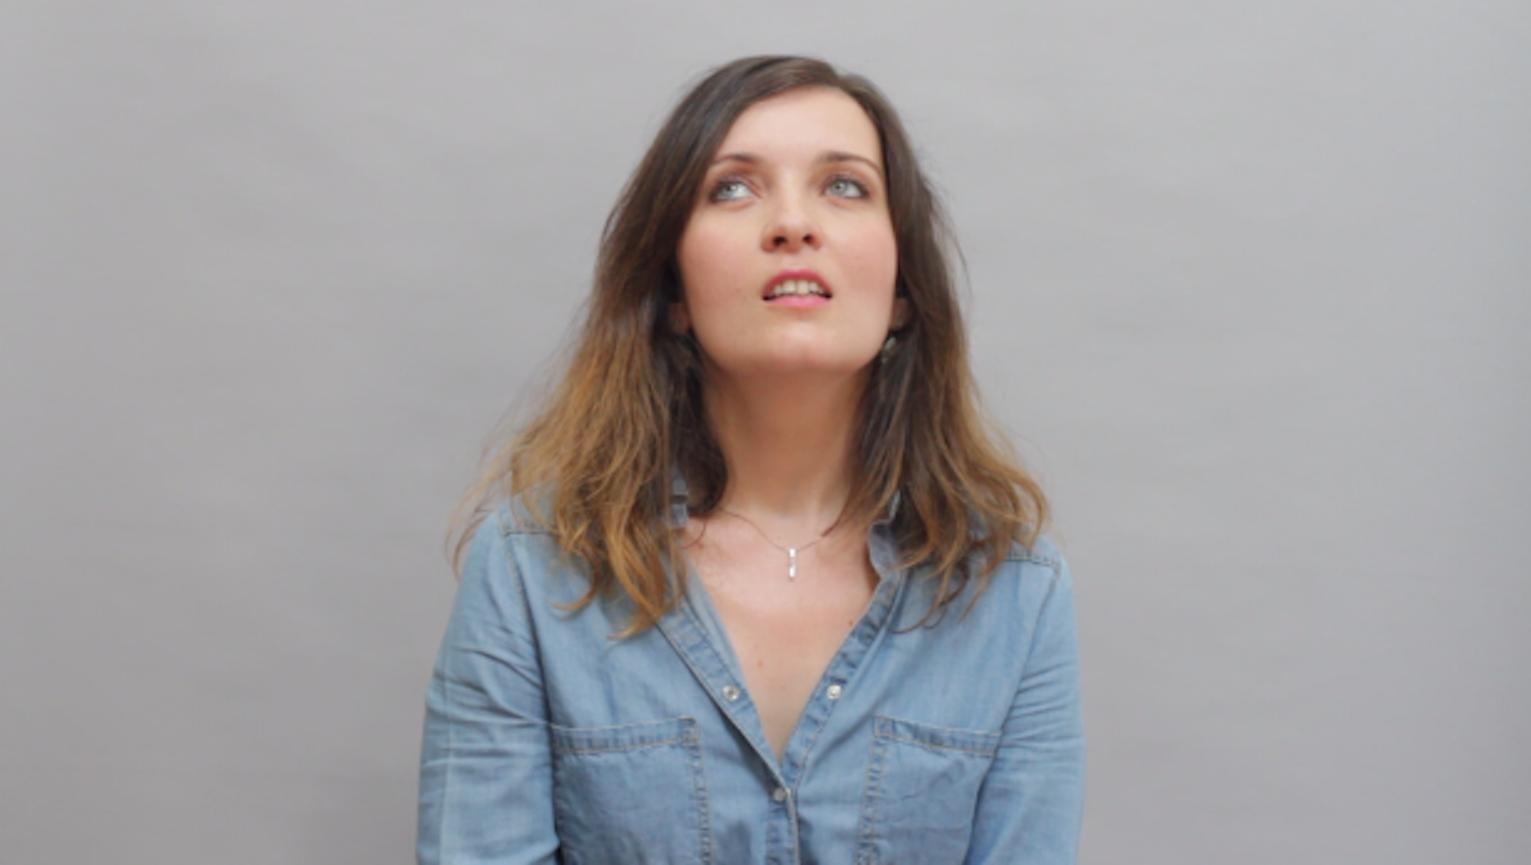 3 ANS APRES / Delphine raconte son ECHLOSION